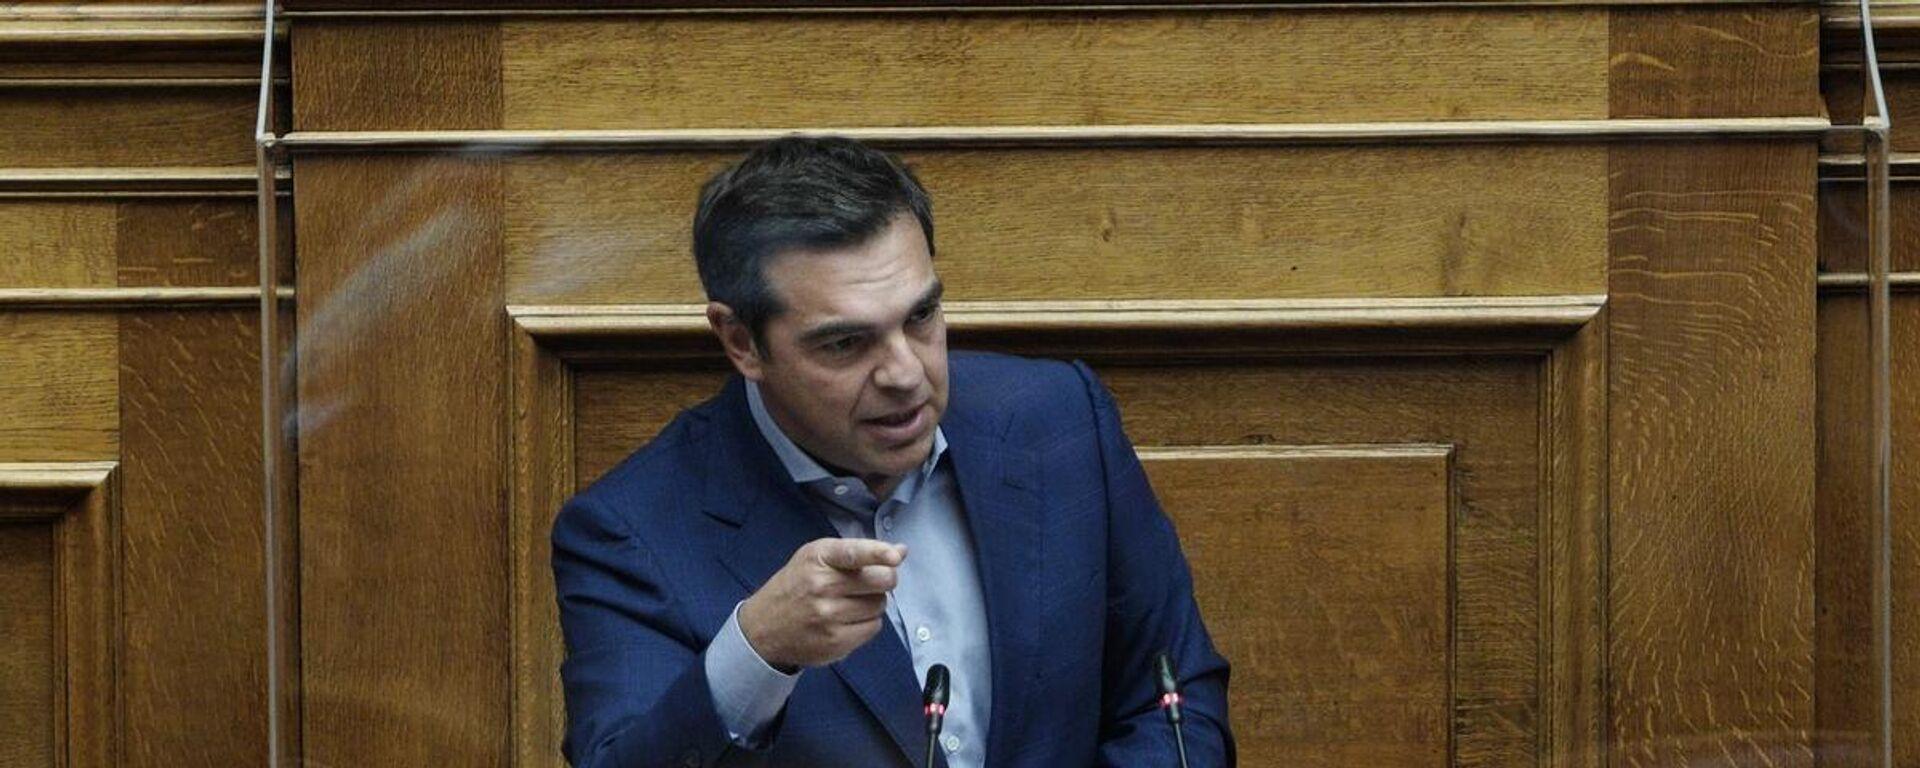 Τσίπρας για ελληνογαλλική συμφωνία - Sputnik Ελλάδα, 1920, 07.10.2021